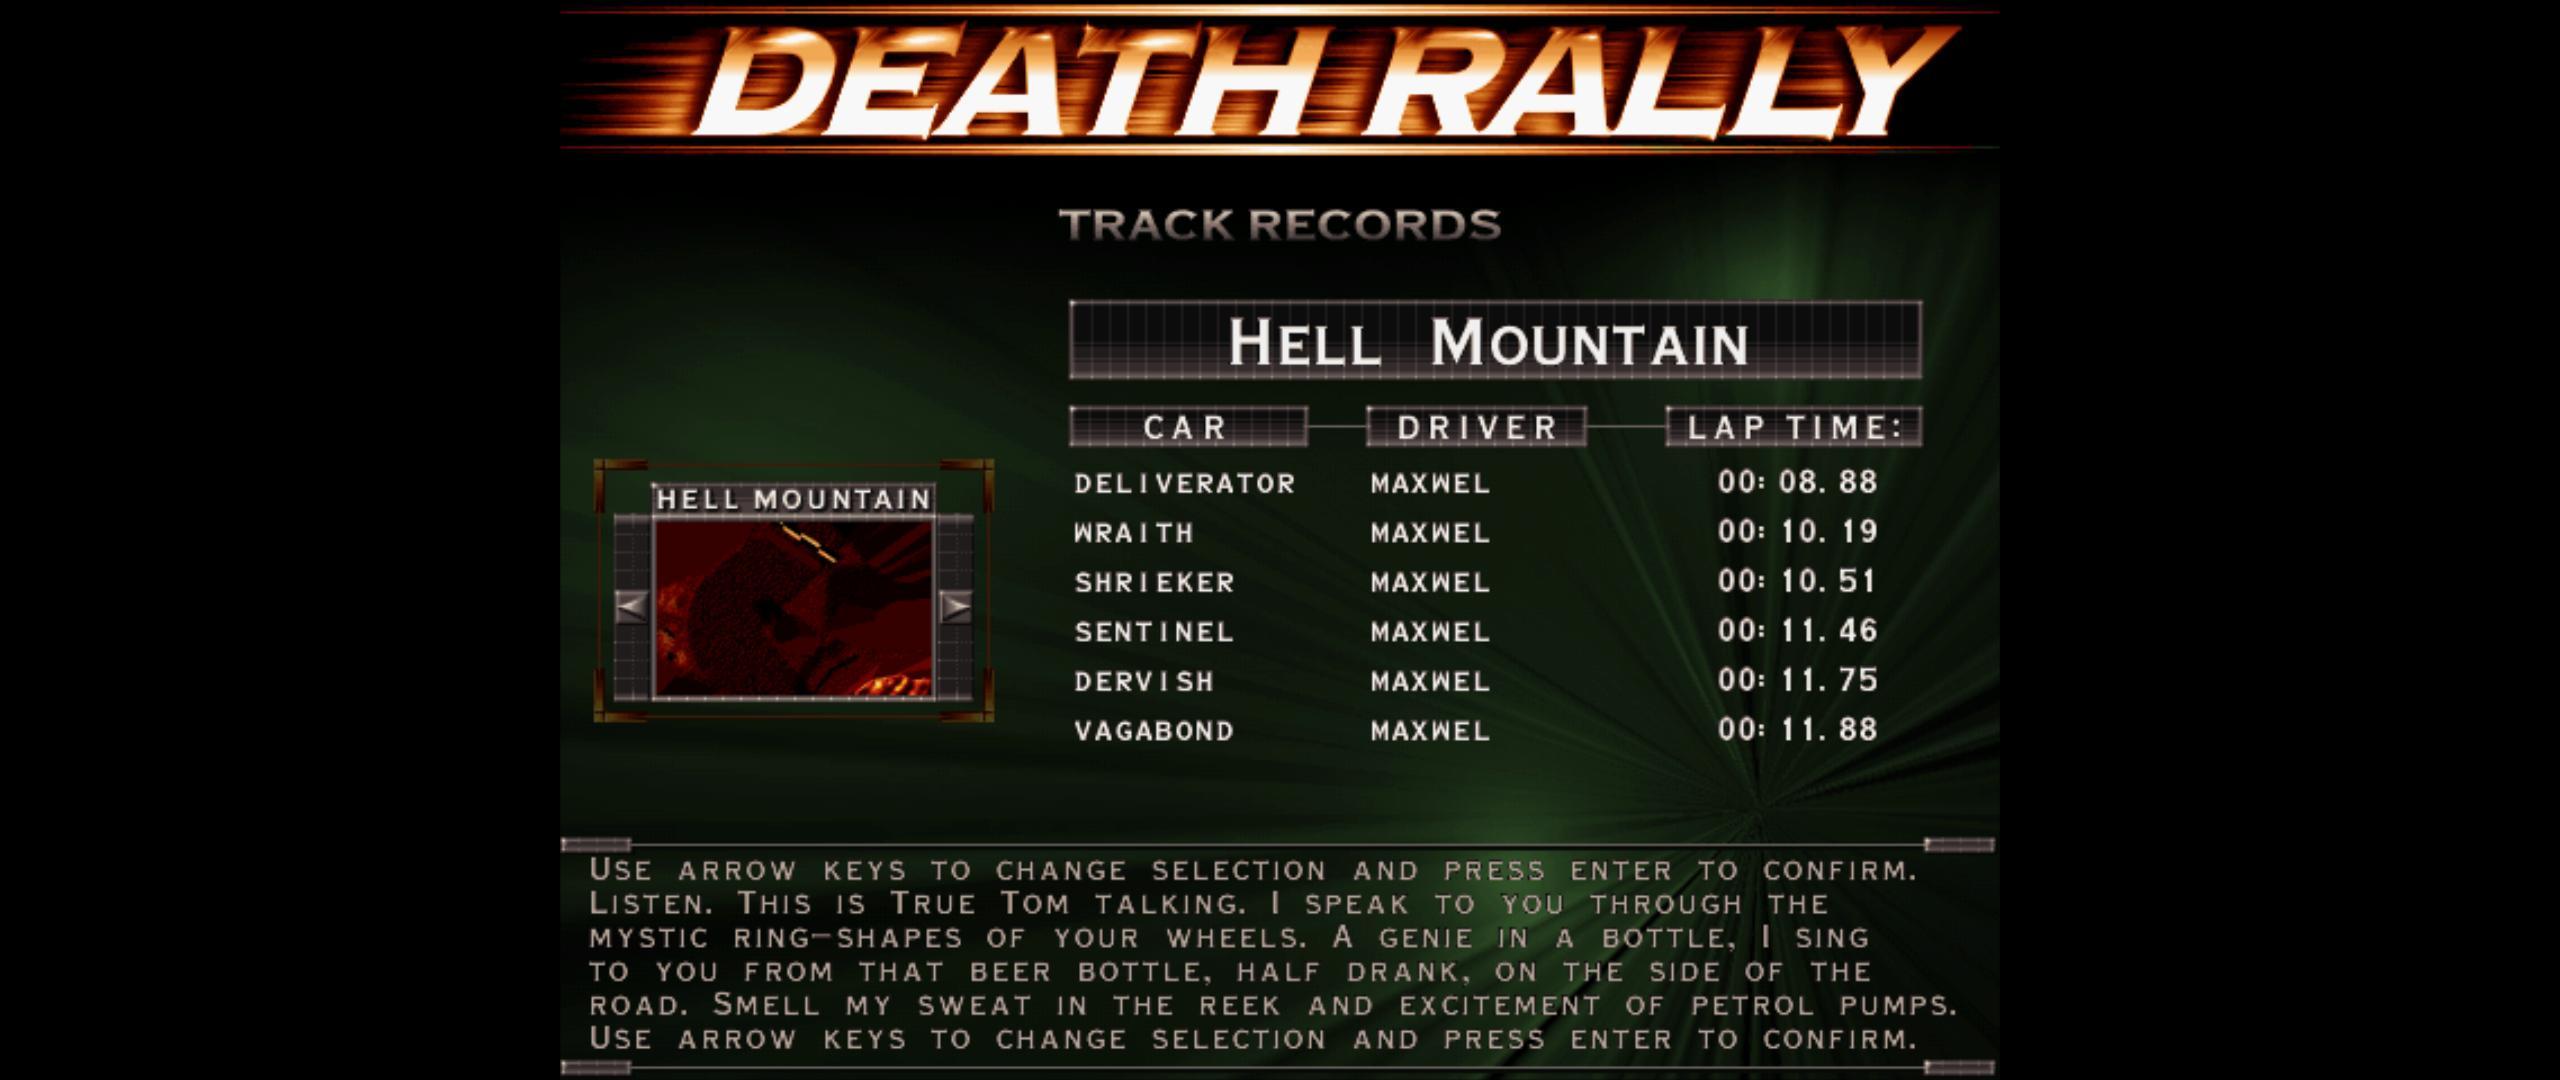 Maxwel: Death Rally [Hell Mountain, Shrieker Car] (PC) 0:00:10.51 points on 2016-03-04 06:52:30